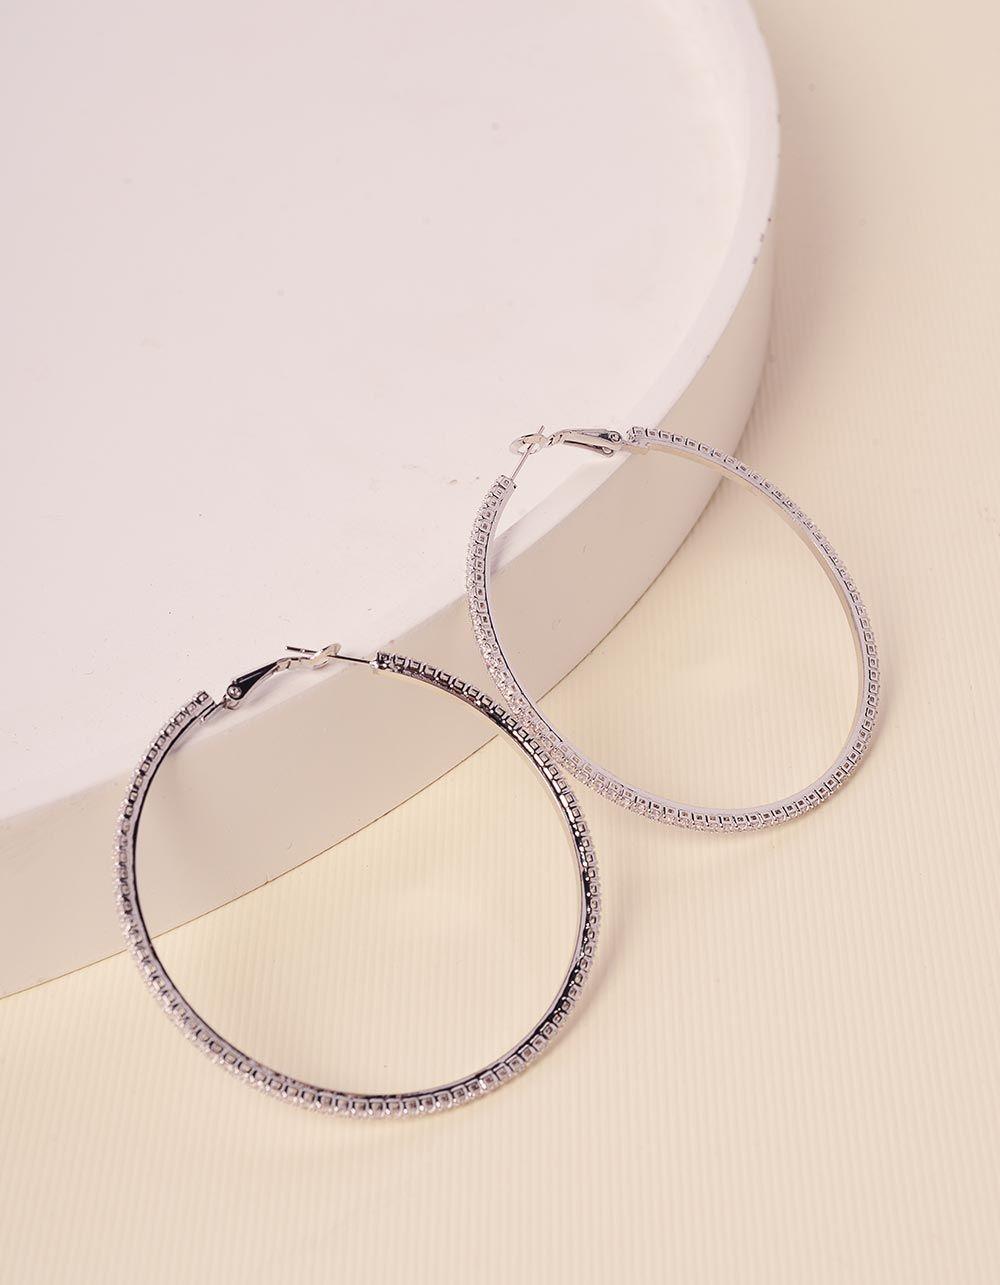 Сережки кільця зі стразами | 238629-06-XX